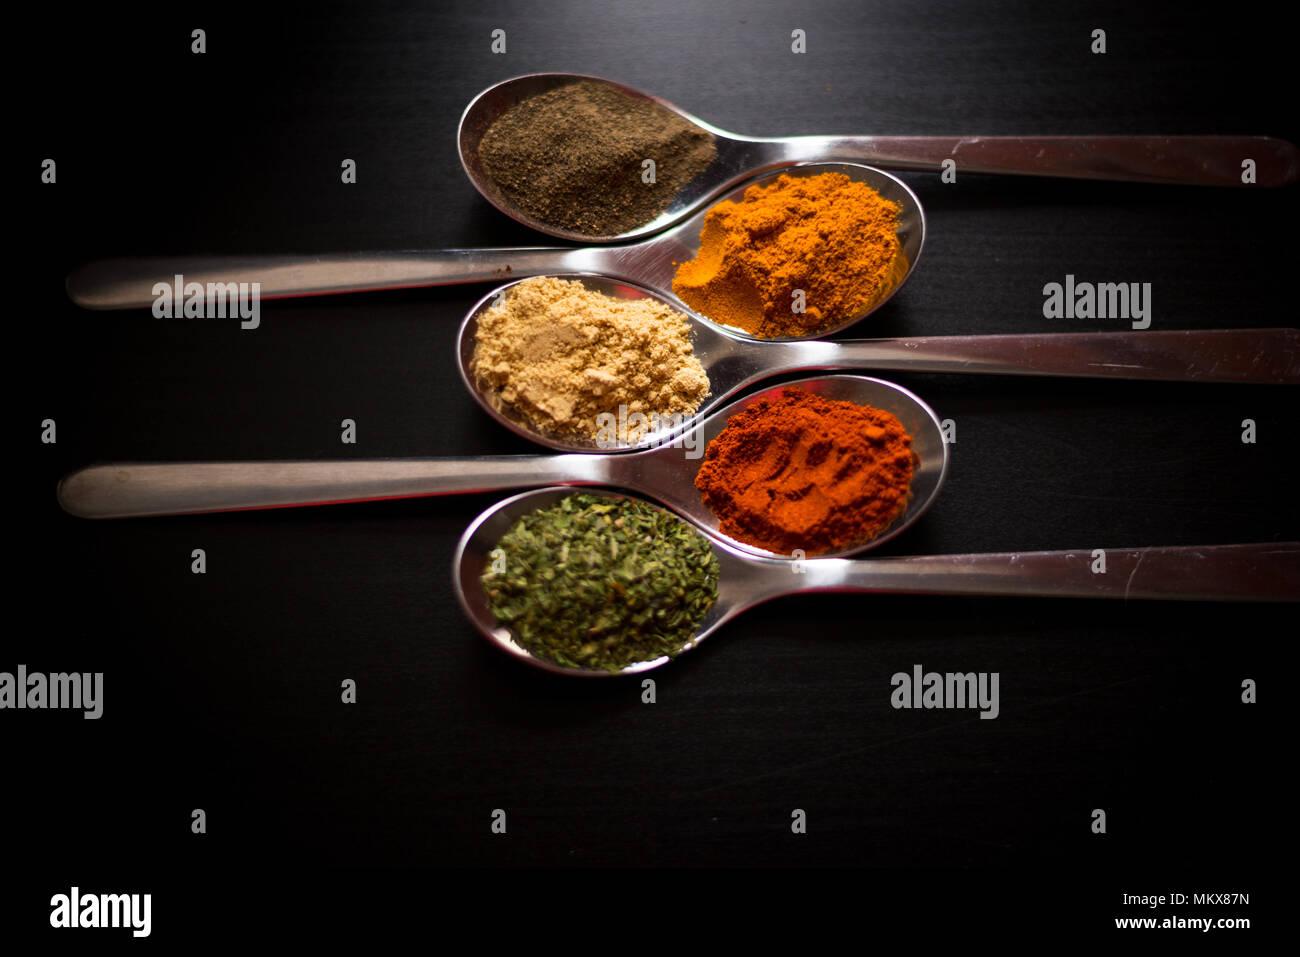 Gewürze farbige in Silber Löffel, auf einem schwarzen Holztisch gelegt. Pfeffer, Pfeffer, Salz, Basilikum, Senf Stockbild